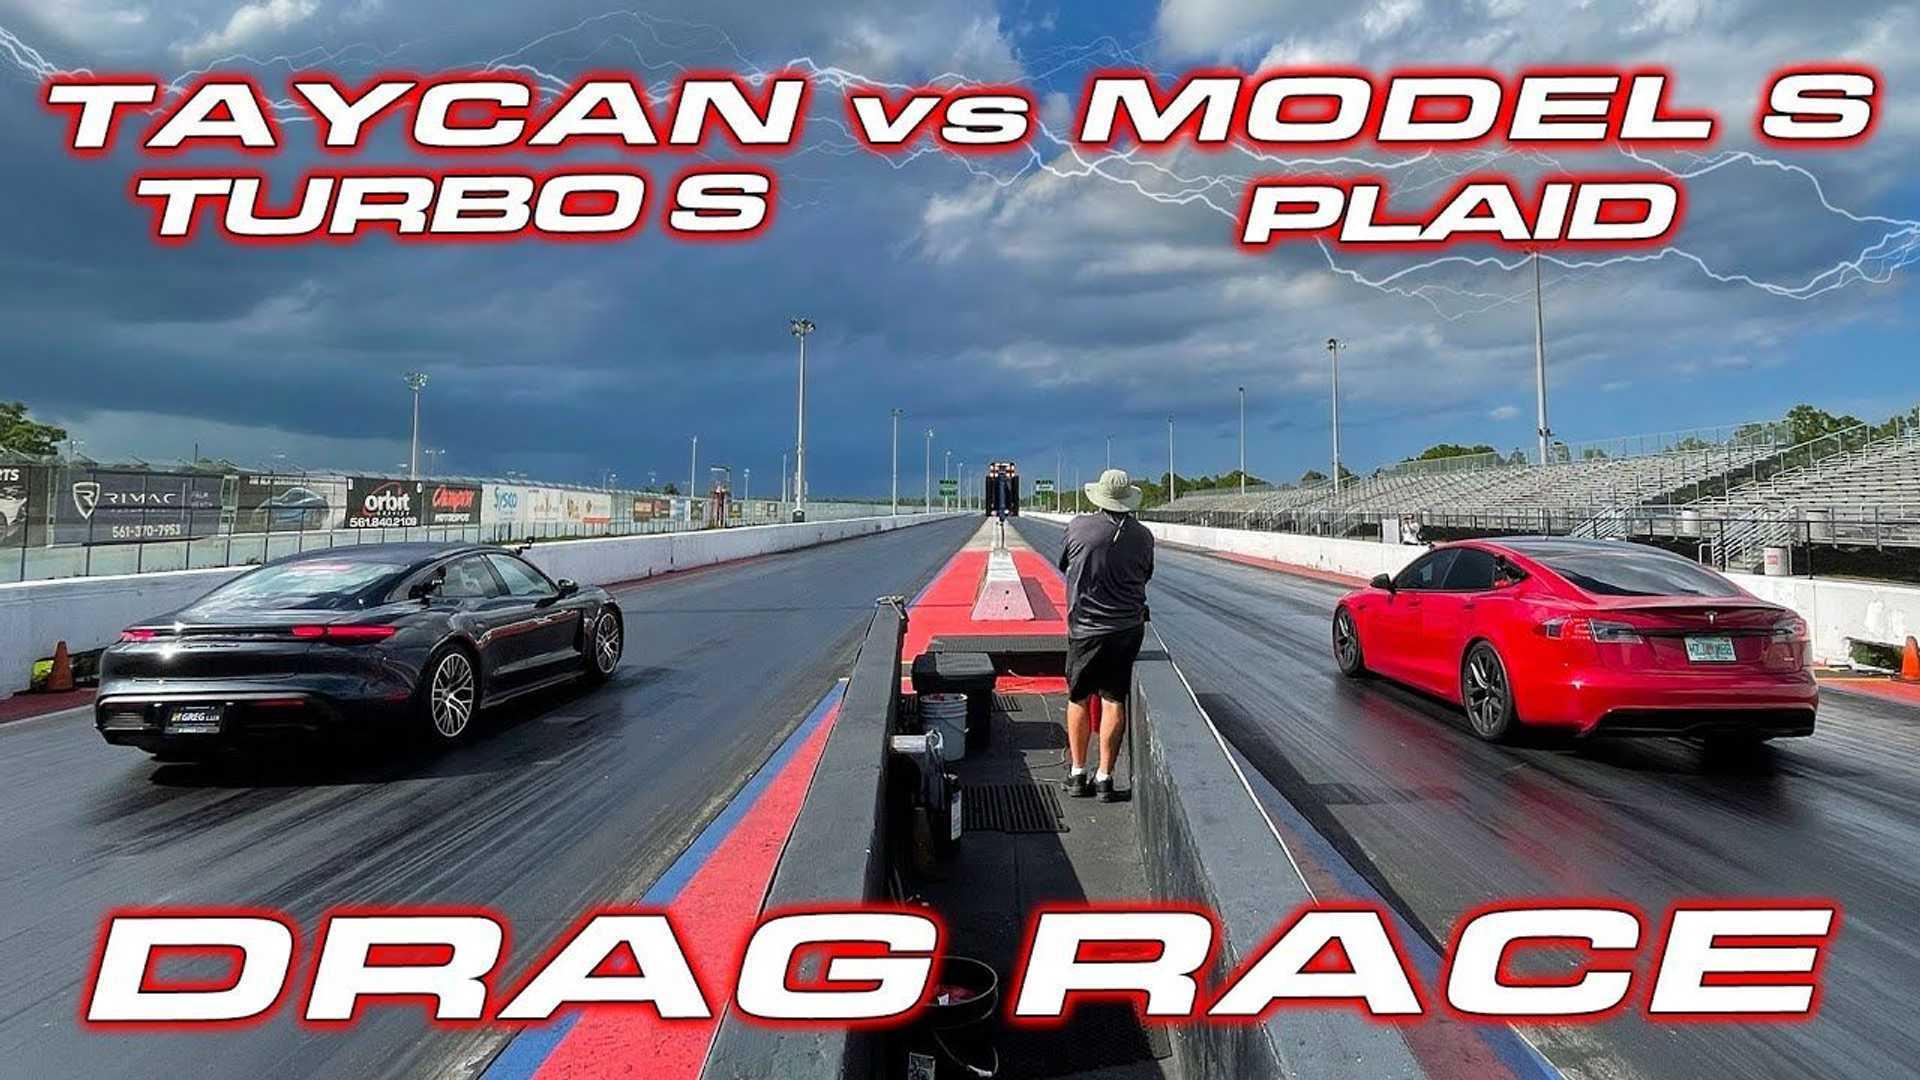 Watch Tesla Model S Plaid Destroy Porsche Taycan Turbo S In Drag Race